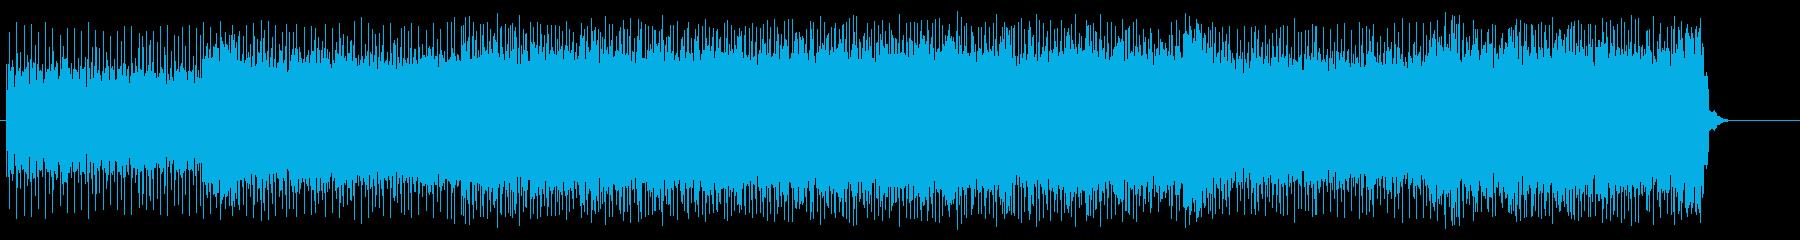 カーレースを連想させるスポーティなロックの再生済みの波形